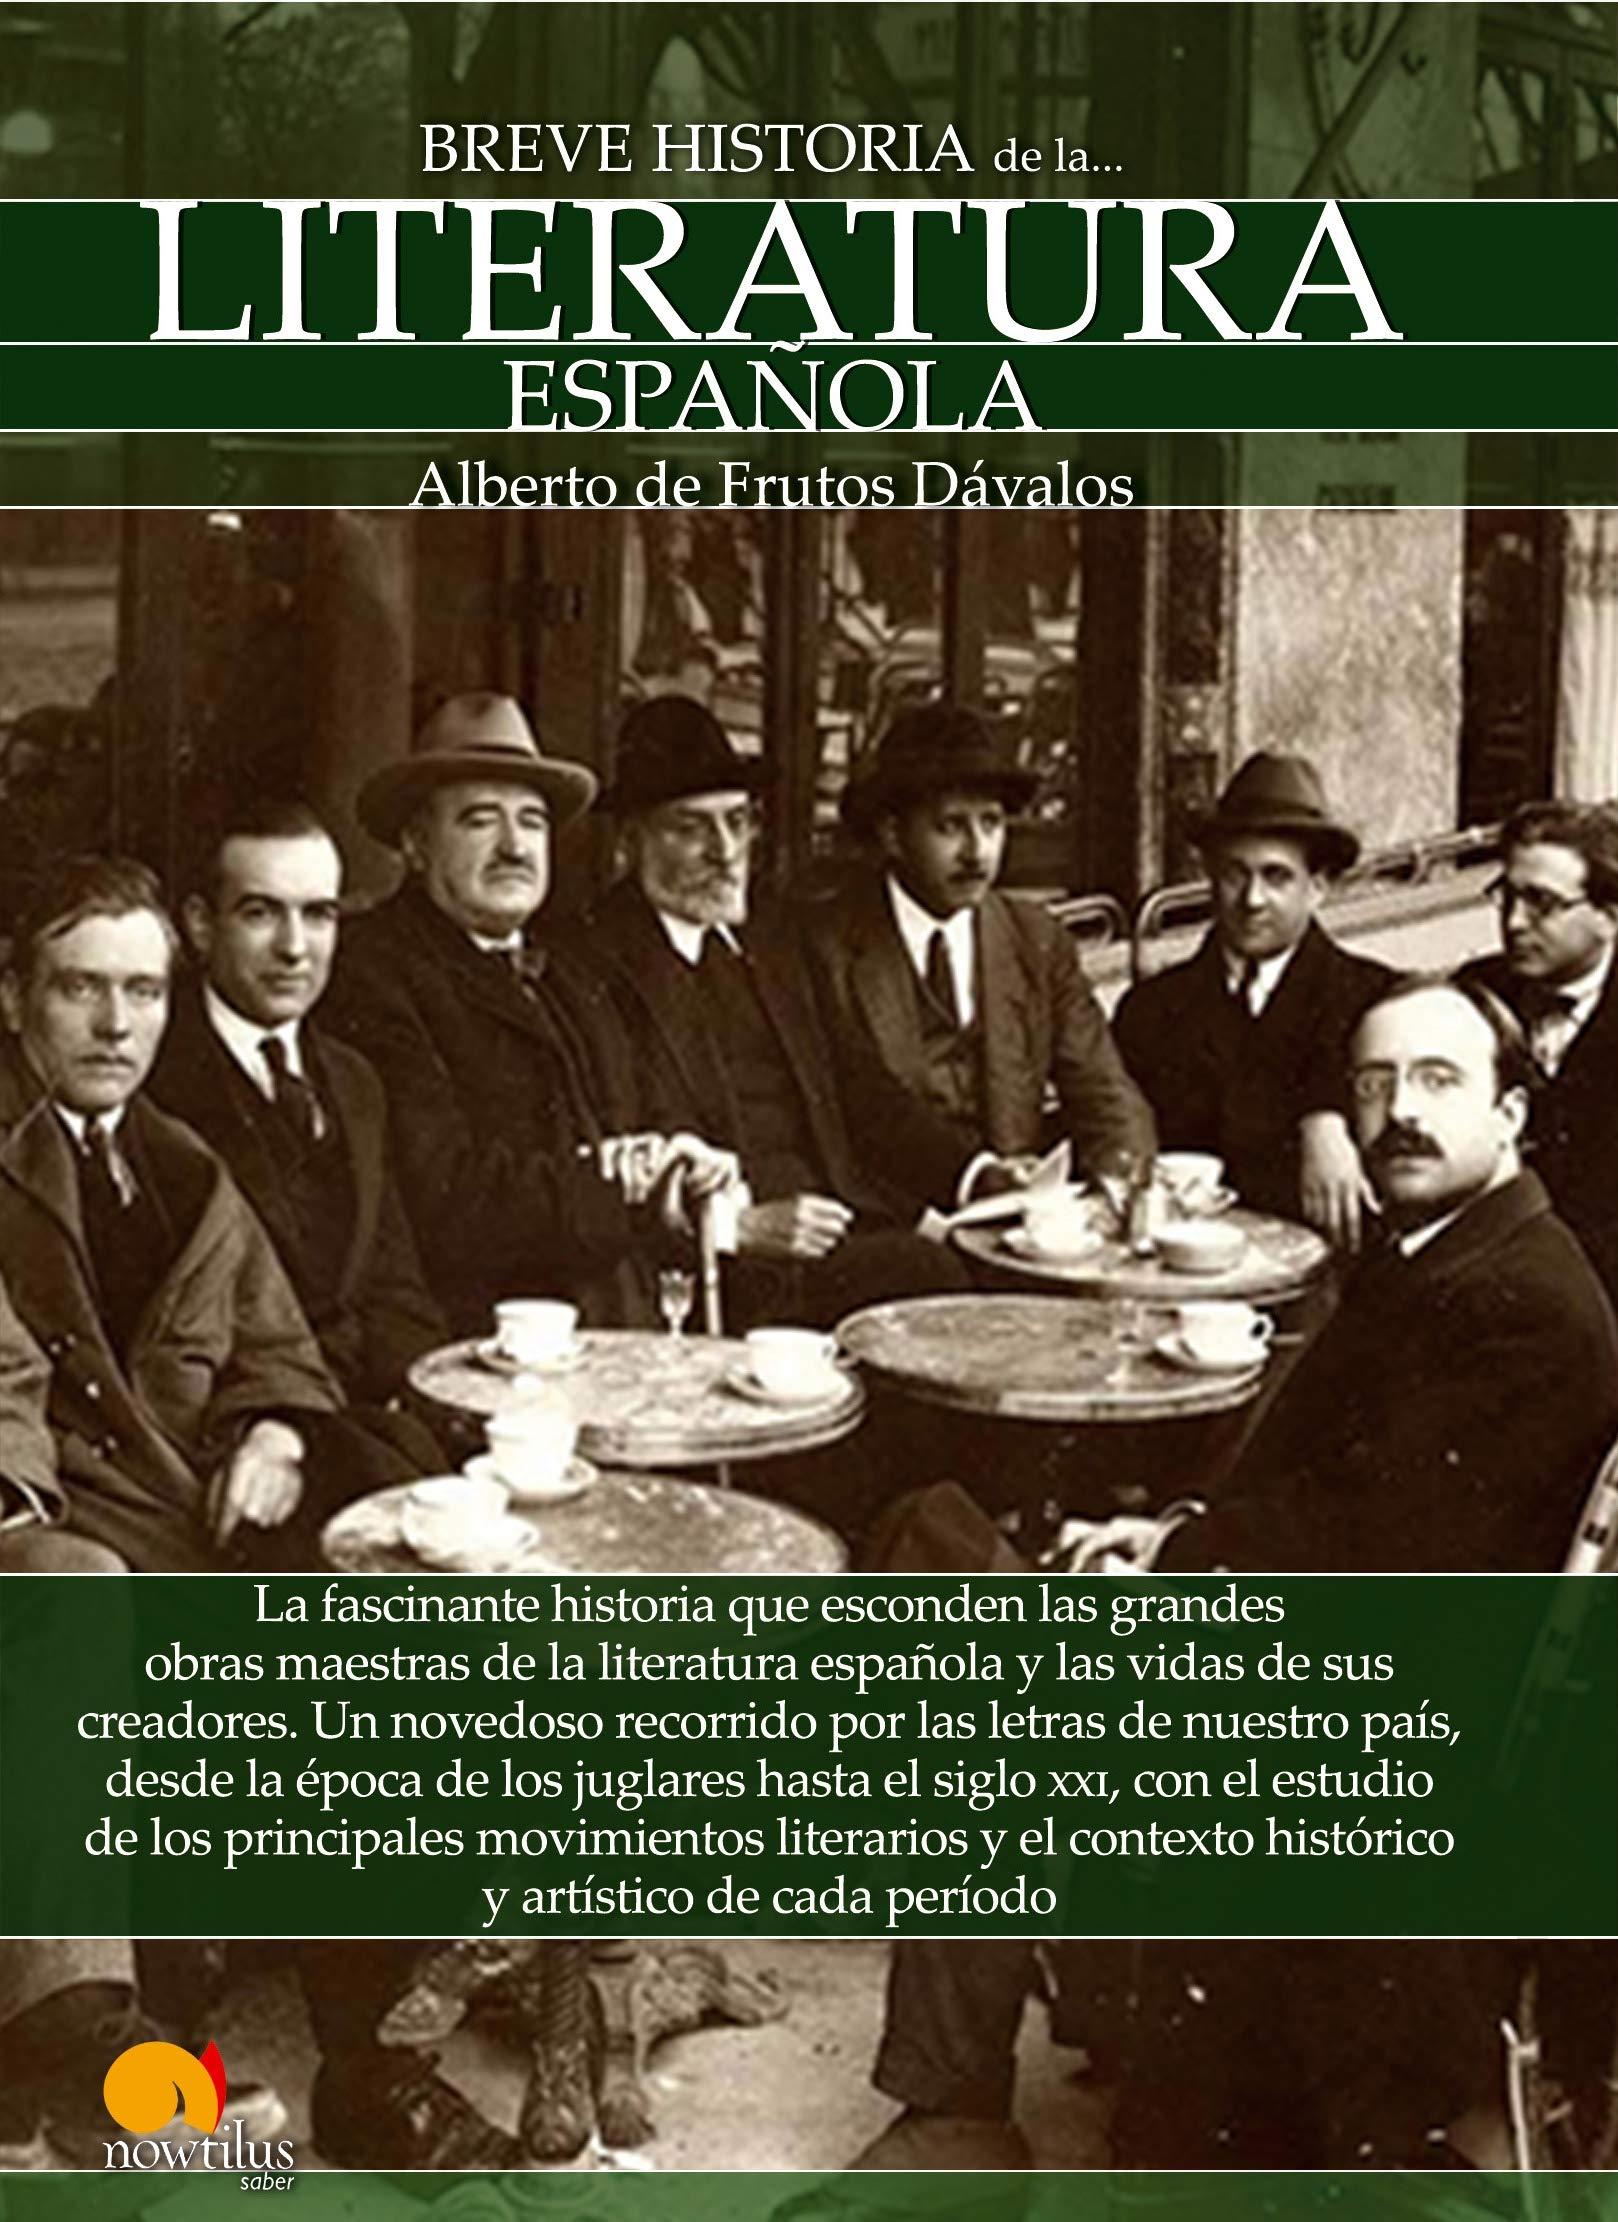 Breve historia de la Literatura española: Versión sin solapas: Amazon.es: Dávalos, Alberto de Frutos: Libros